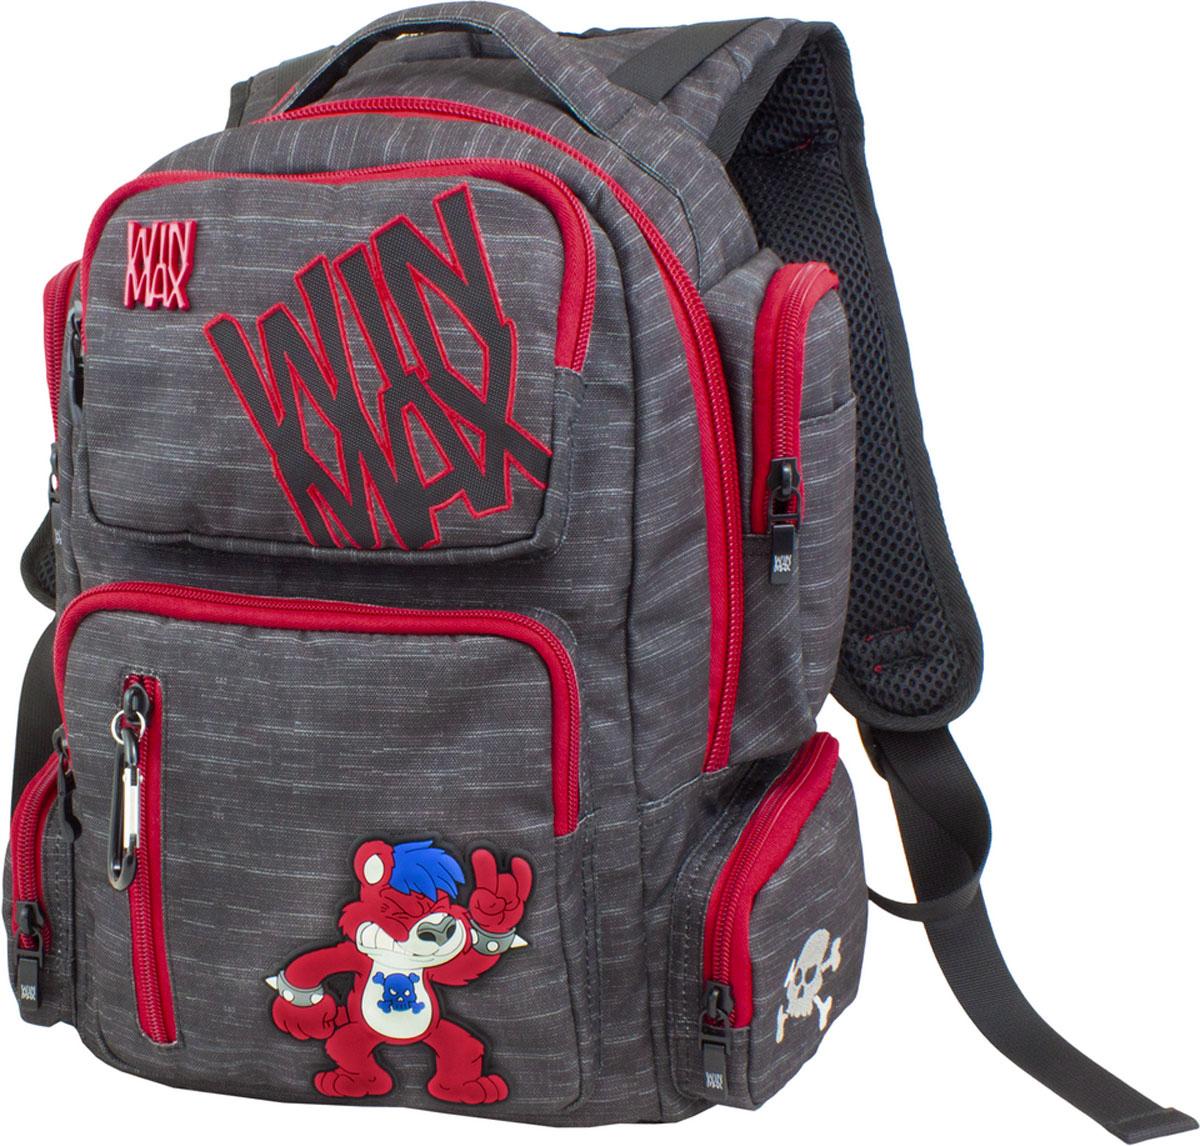 WinMax Рюкзак детский цвет черный красный K-544K-544_чер/краснРюкзак WinMax, украшенный оригинальной вышивкой и стильной объемной аппликацией. Эта модель не только красива и оригинальна, но и очень практична и удобна. Благодаря качественному, легкому и прочному материалу, рюкзак долговечен в носке, а множество отделений поможет разместить все необходимые вещи школьника. Если вы ищите, что-то совершенно необычное по стилю, оригинальное и качественное, советуем обратить внимание на него. Рюкзак имеет одно вместительно отделение на молнии. Внутри имеется мягкое отделение на липучке для планшета или ноутбука и открытый накладной карман-сетка. Отделение дополнено нашивкой, в которую можно занести личные данные владельца. На лицевой стороне рюкзака расположились врезной два накладных кармана на молниях. Верхний карман содержит два открытых накладных кармашка. Внутри нижнего кармана имеются два открытых накладных кармана, кармашек-сетка на молнии и три открытых кармашка под канцелярские принадлежности. По бокам рюкзака...